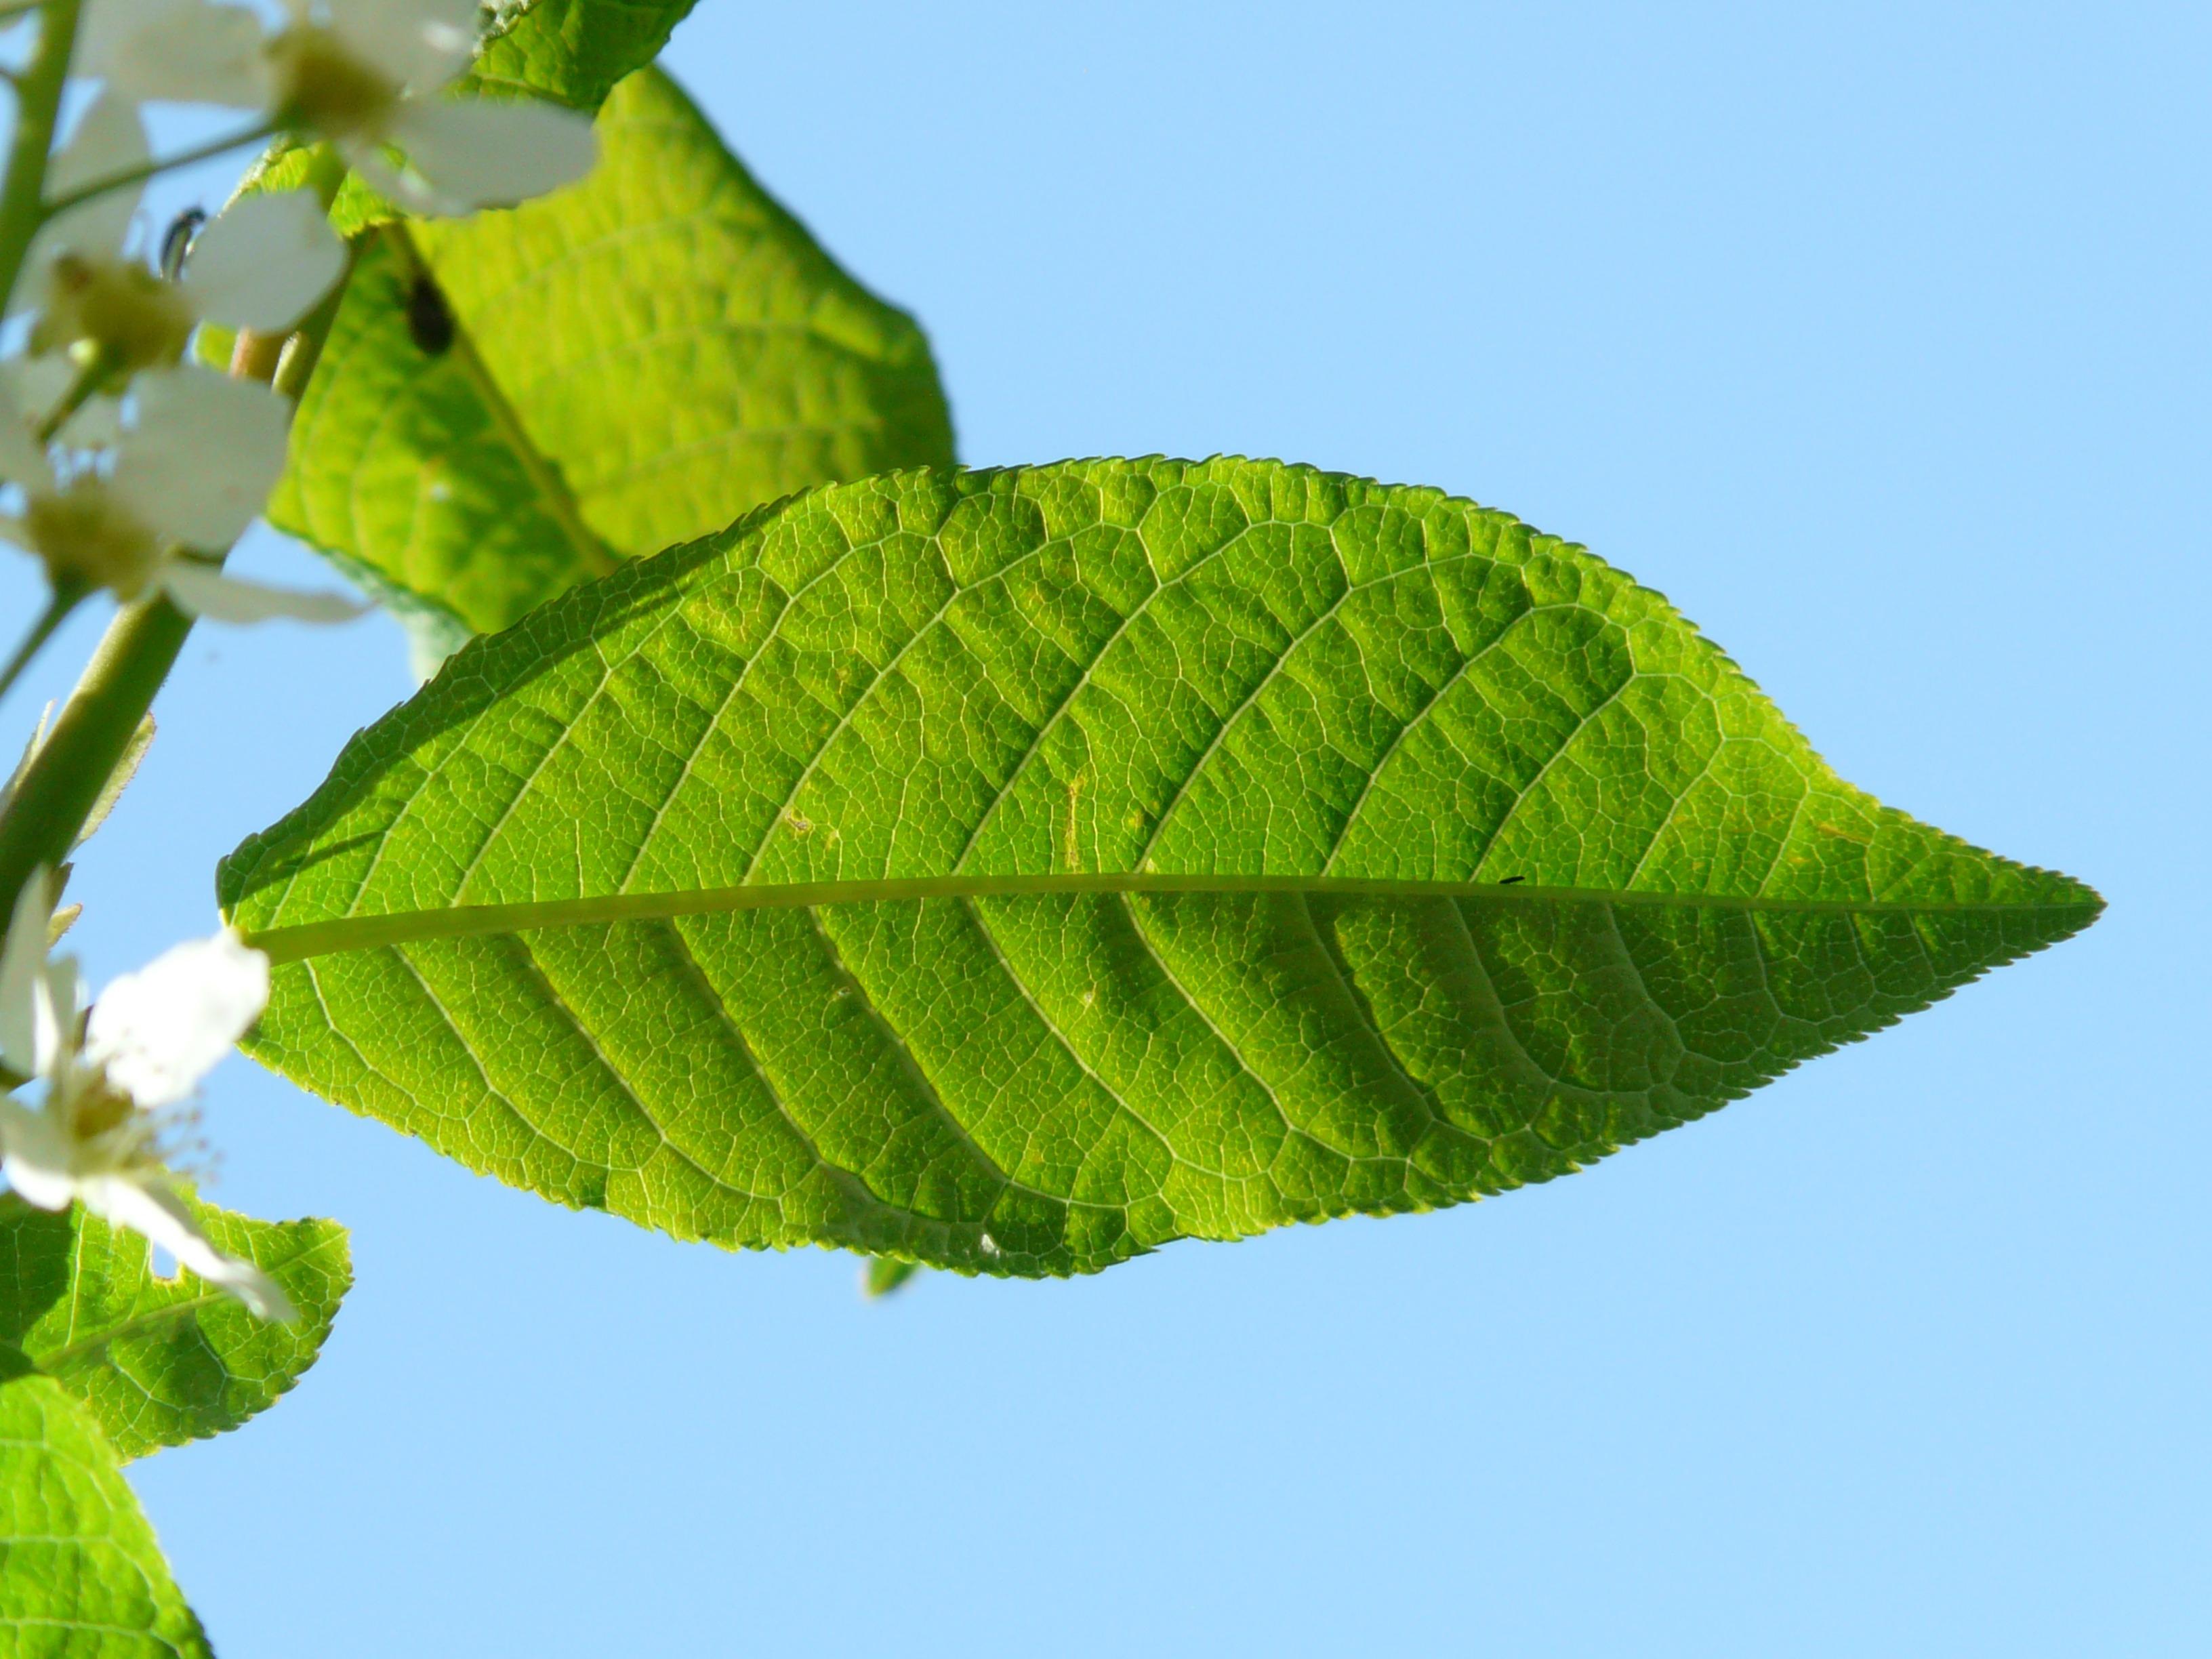 Images gratuites arbre branche feuille fleur aliments images gratuites arbre branche feuille fleur aliments printemps vert herbe produire botanique flore feuilles arbuste plante fleurs altavistaventures Image collections